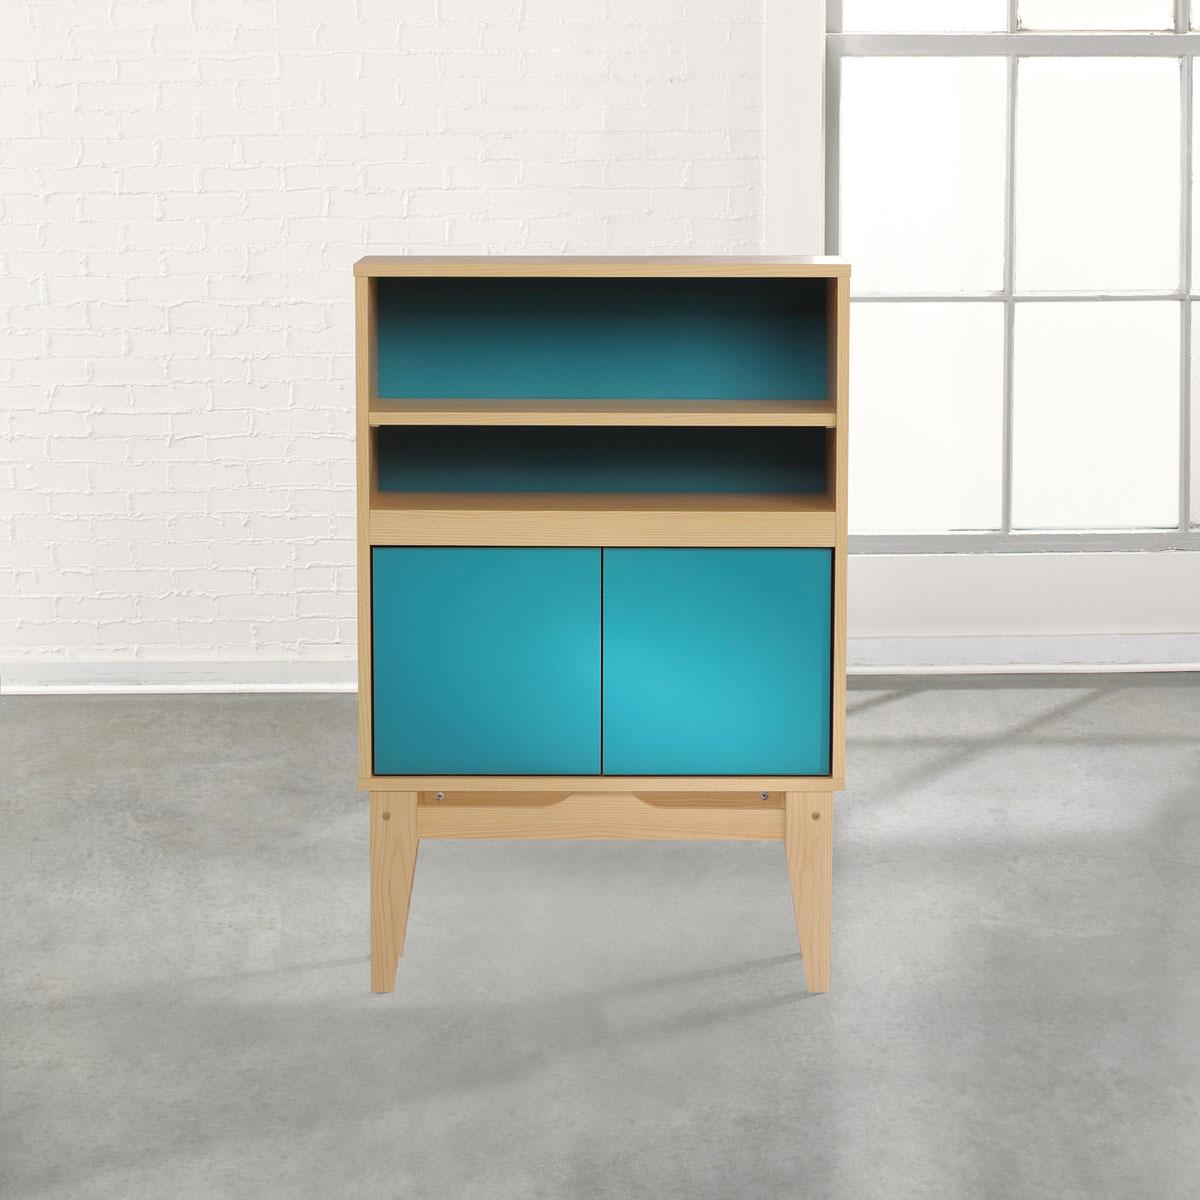 Sauder Soft Modern Bookcase 416952 Sauder The Furniture Co